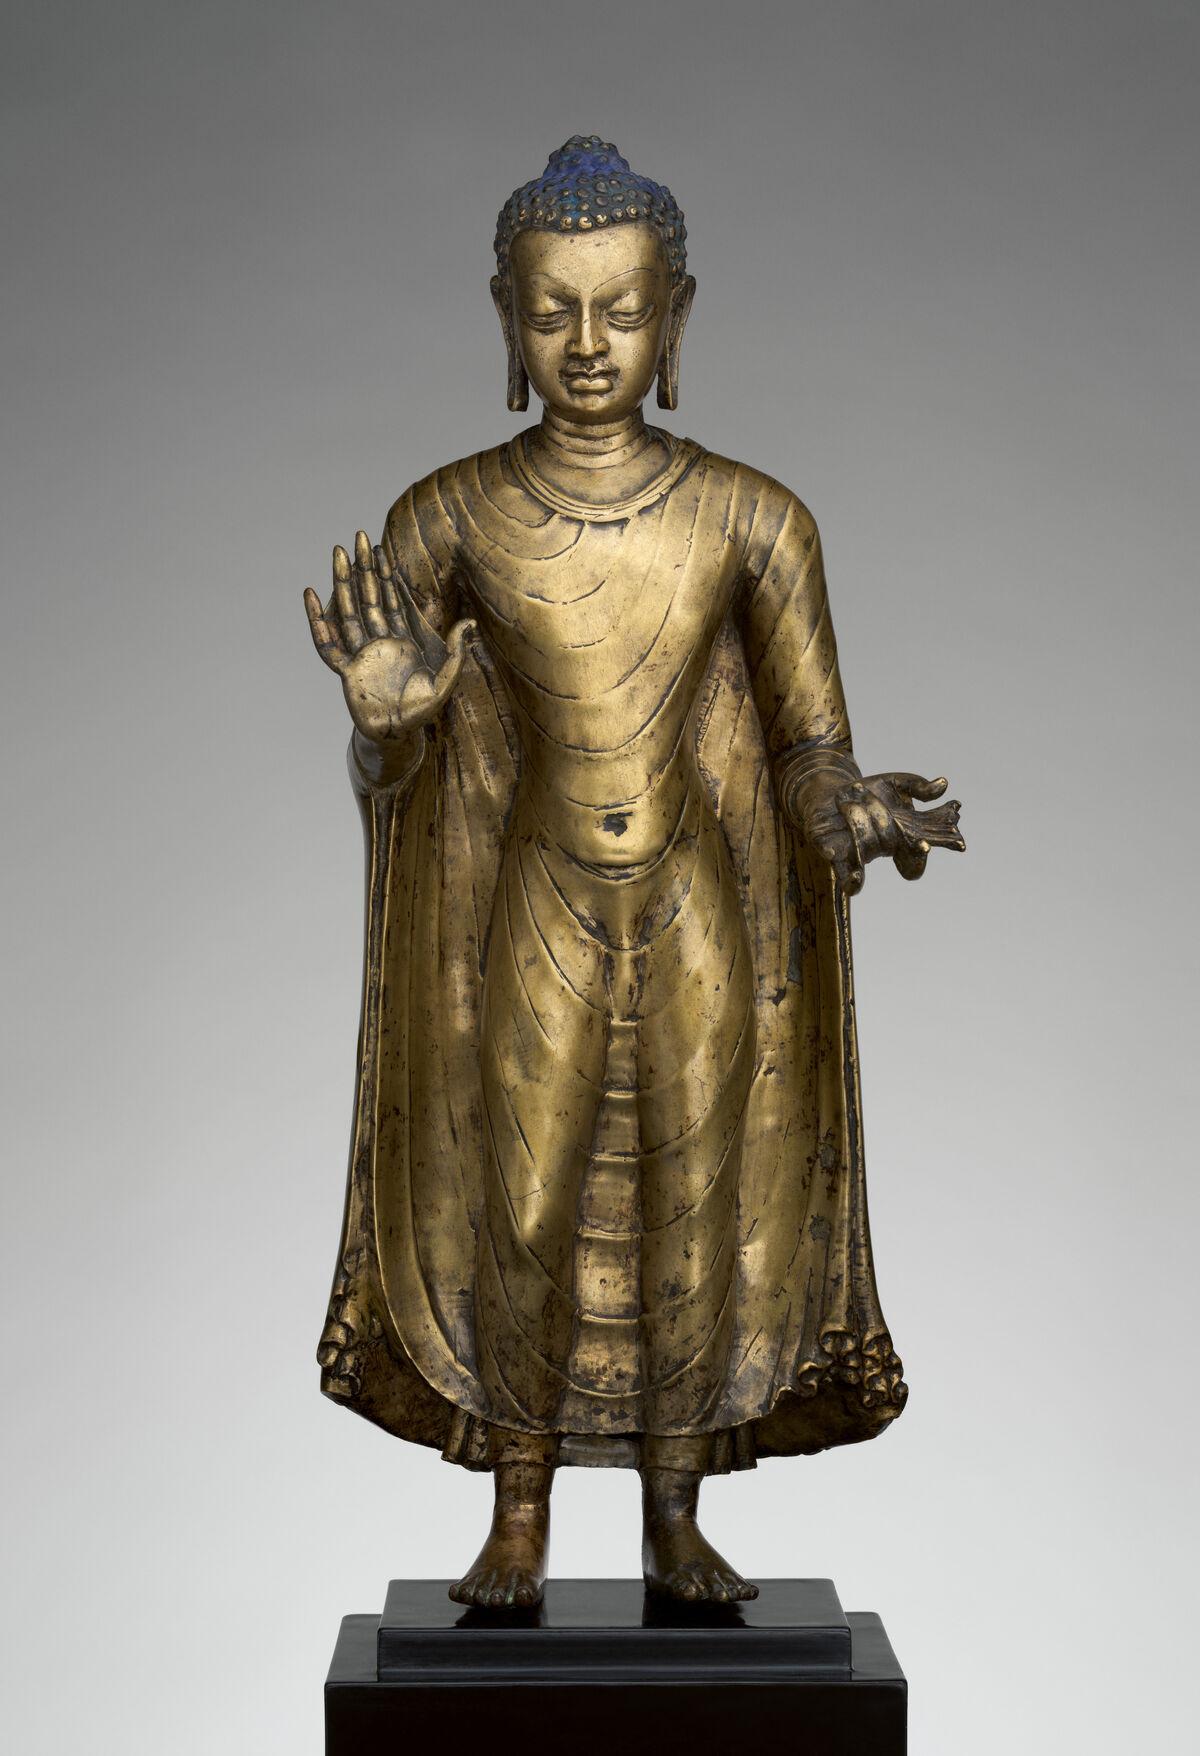 Buda, finales del siglo VI al principio del séptimo siglo, India (probablemente Bihar).  Cortesía del Museo Metropolitano de Arte.